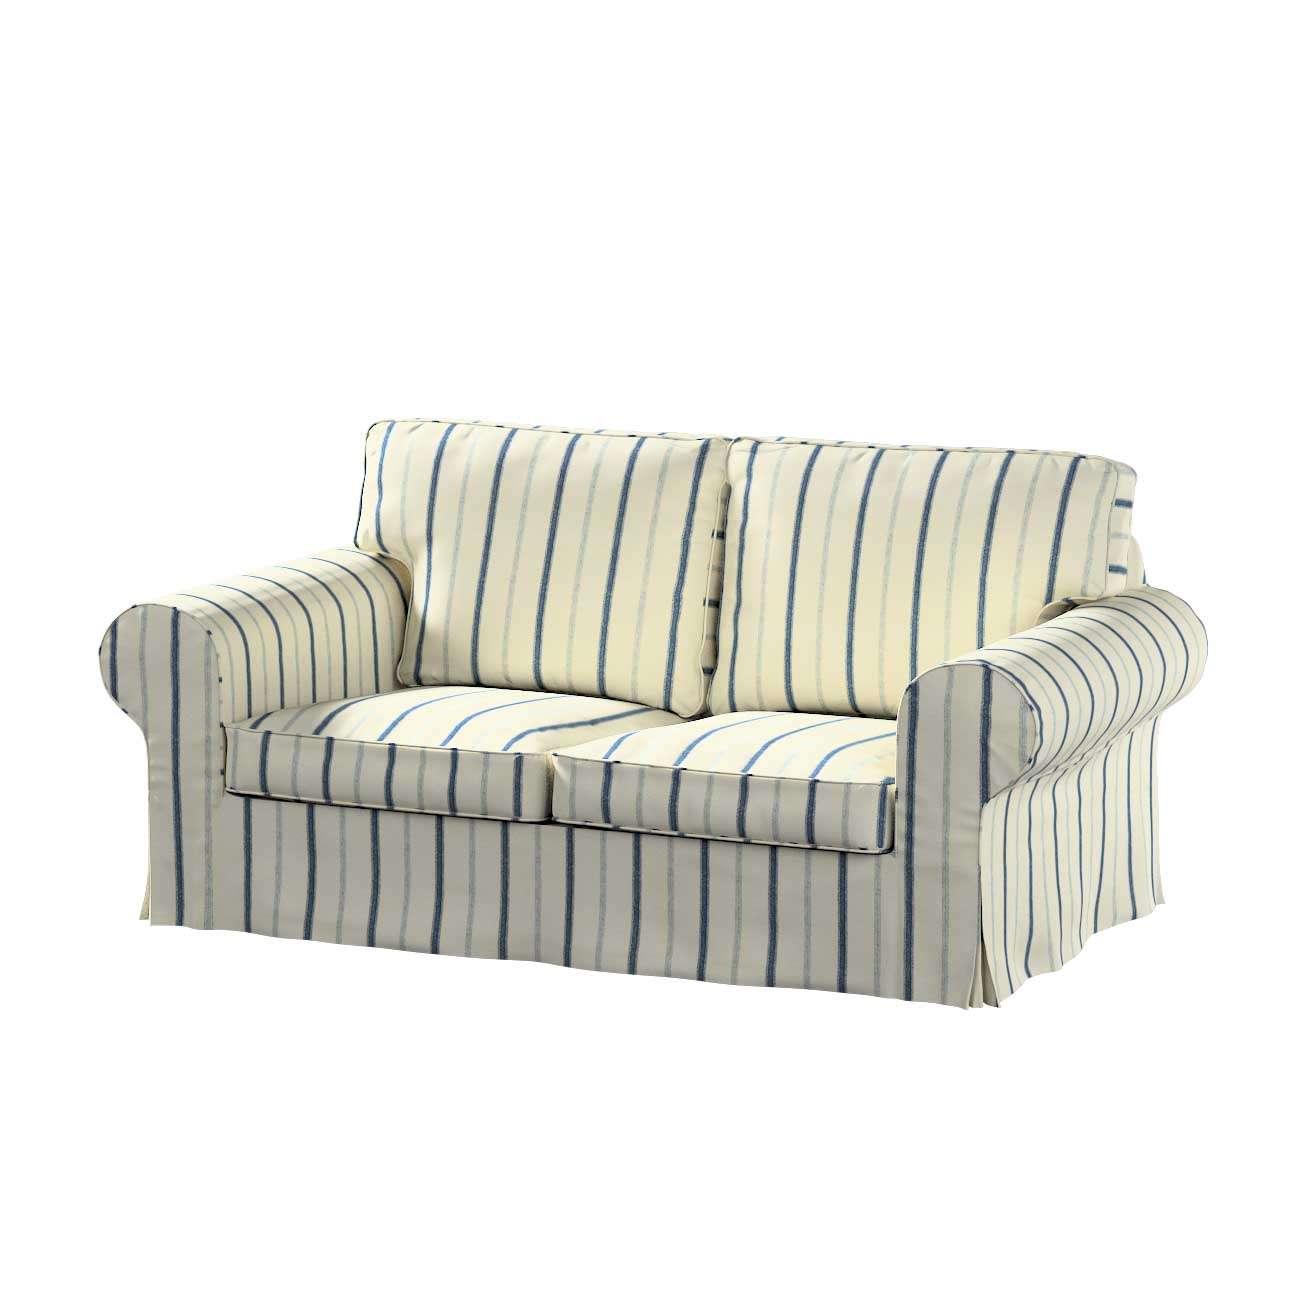 Ektorp 2-Sitzer Sofabezug nicht ausklappbar Sofabezug für  Ektorp 2-Sitzer nicht ausklappbar von der Kollektion Avinon, Stoff: 129-66